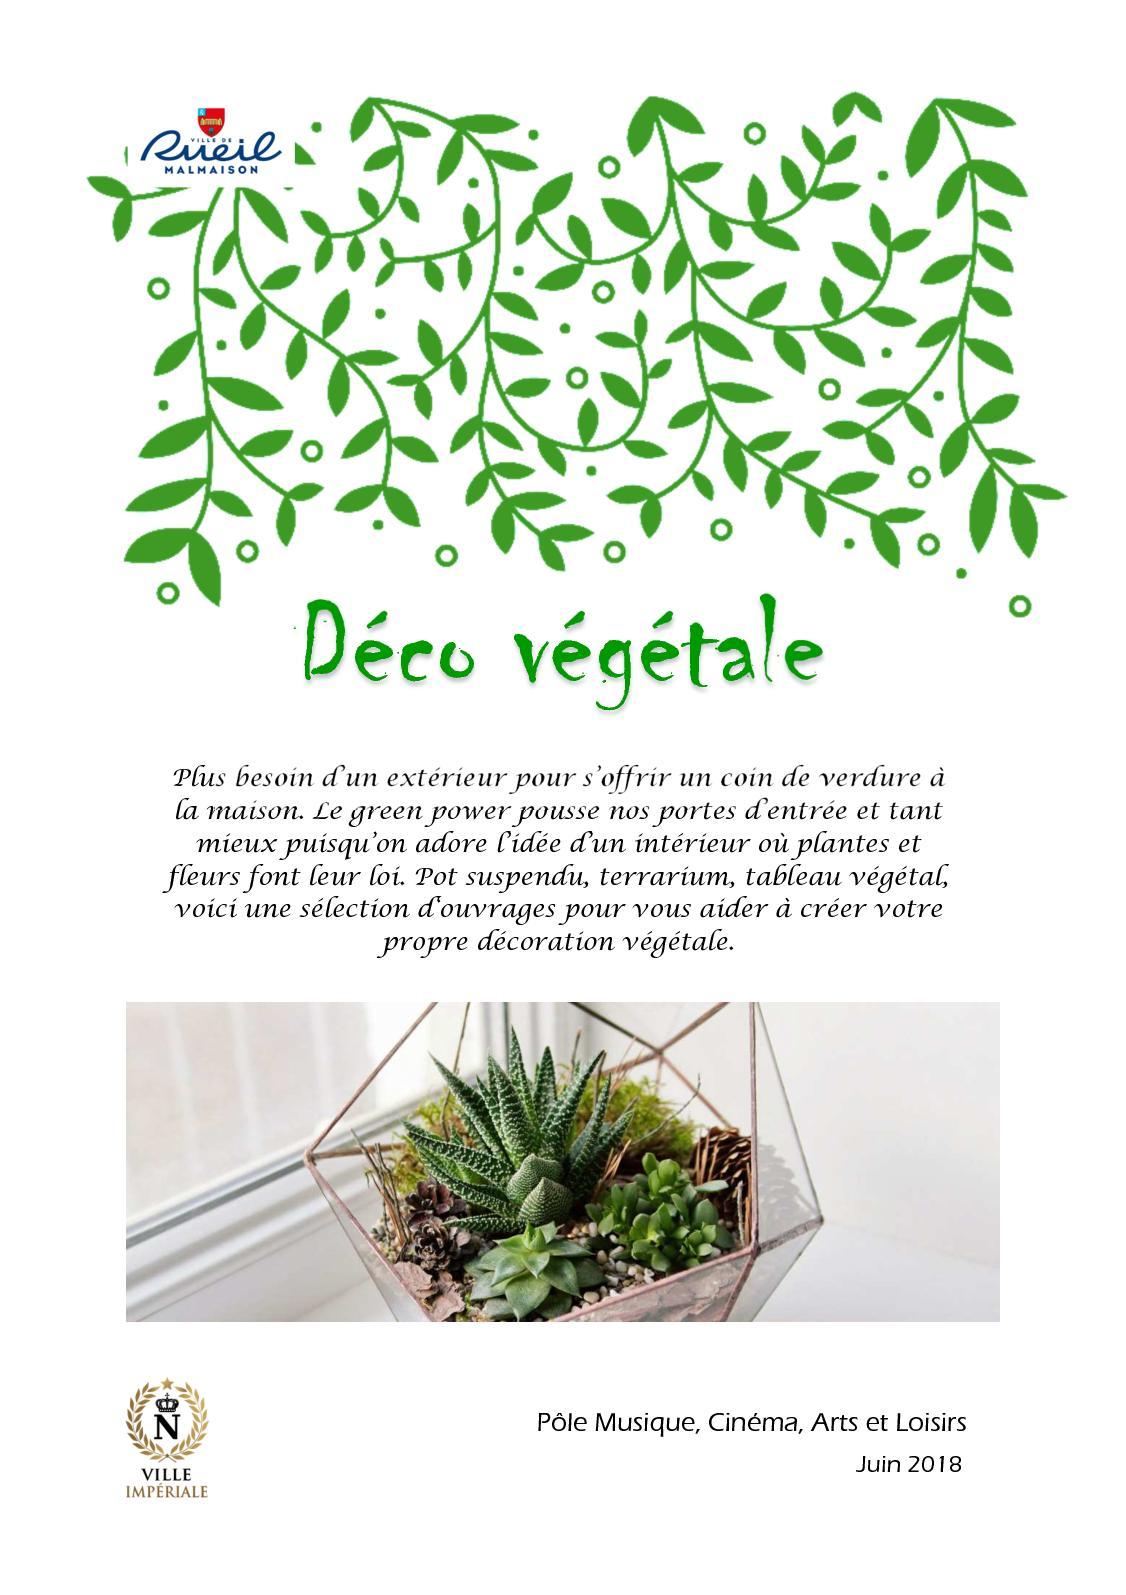 Plantes Pour Tableau Végétal Intérieur calaméo - deco végétale